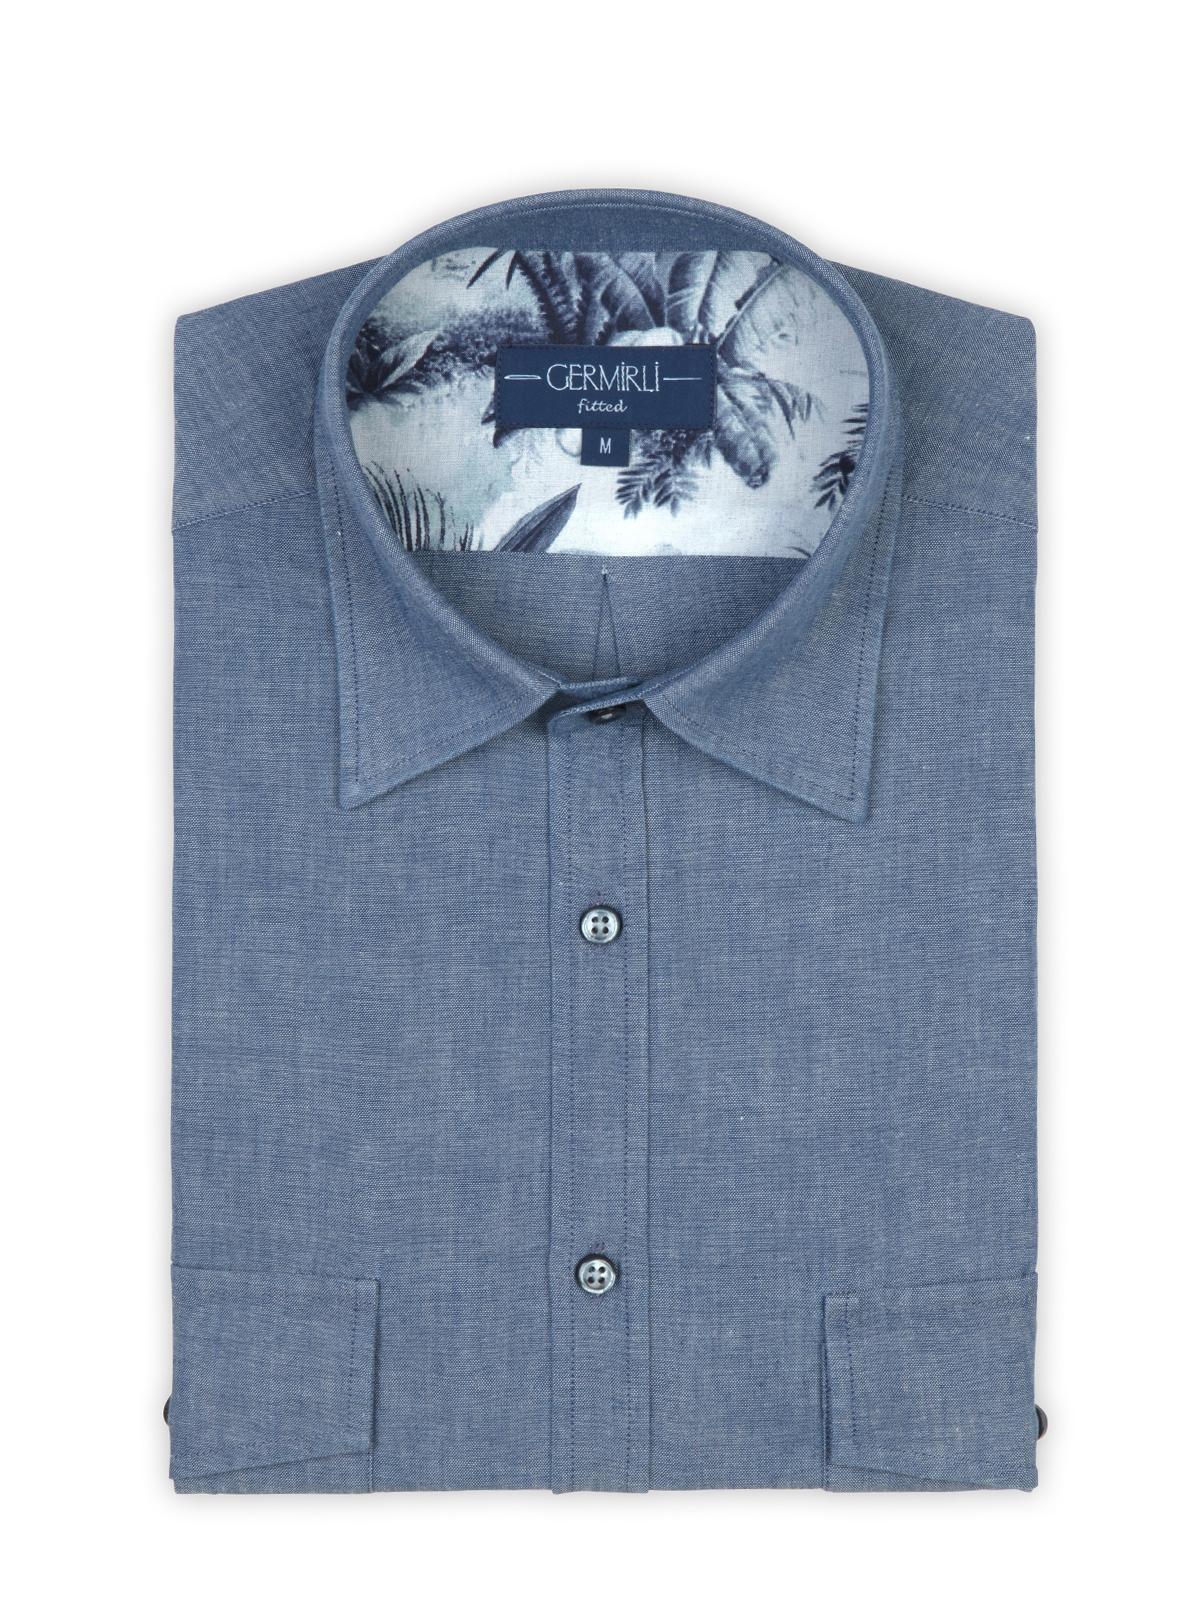 Germirli Mavi İndigo Palmiye Detaylı Cepli Overshirt Tailor Fit Gömlek